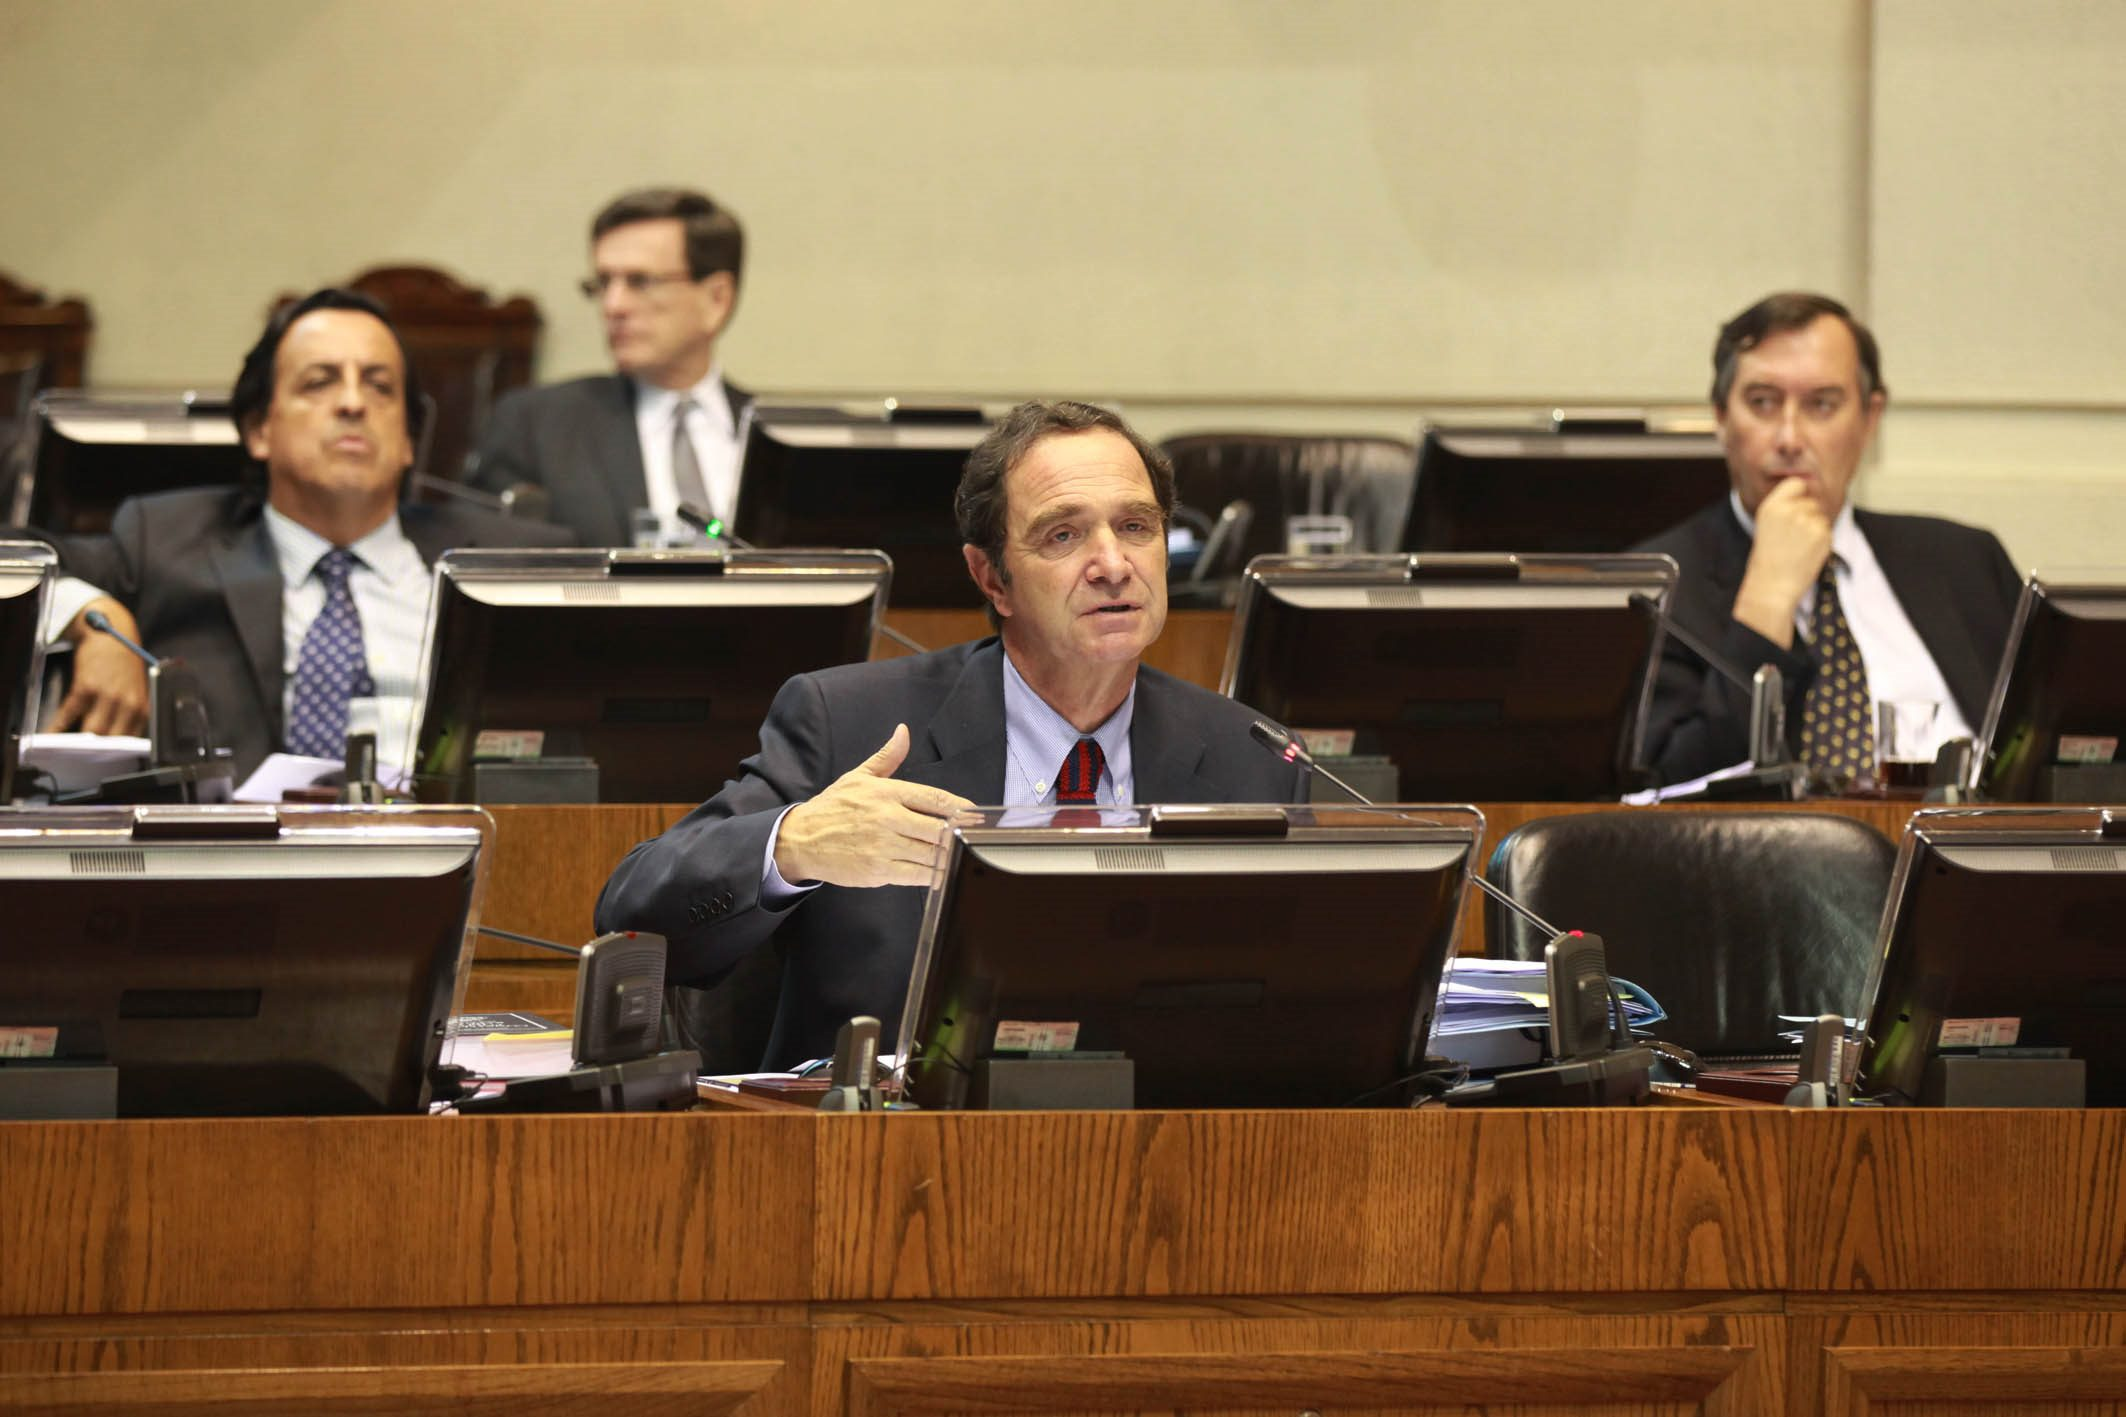 Senador Hernán Larraín solicita a titular de agricultura apoyo a los trigueros del Maule